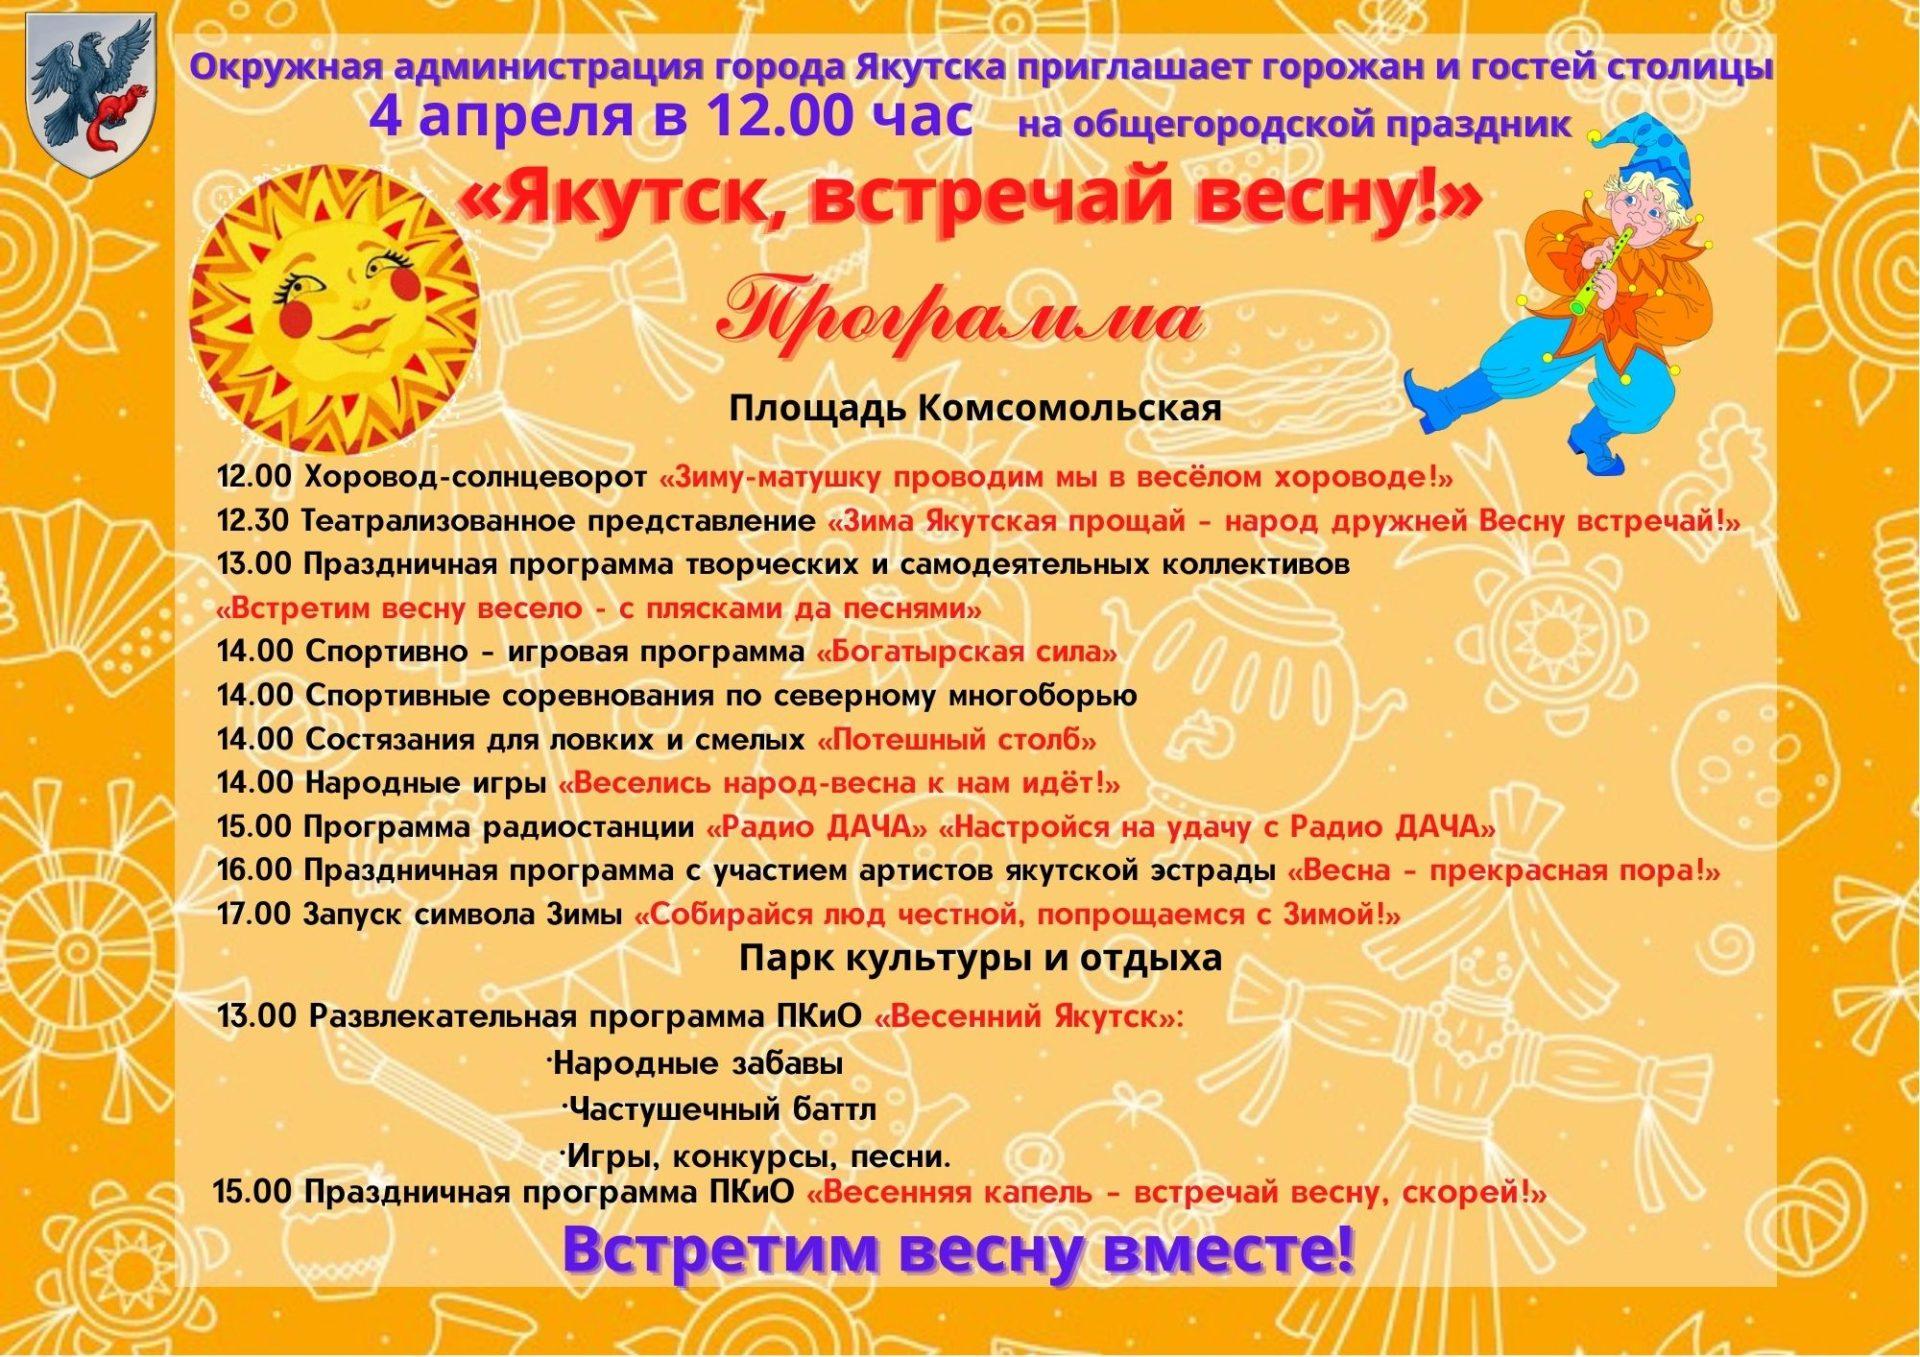 Программа «Якутск, встречай весну»